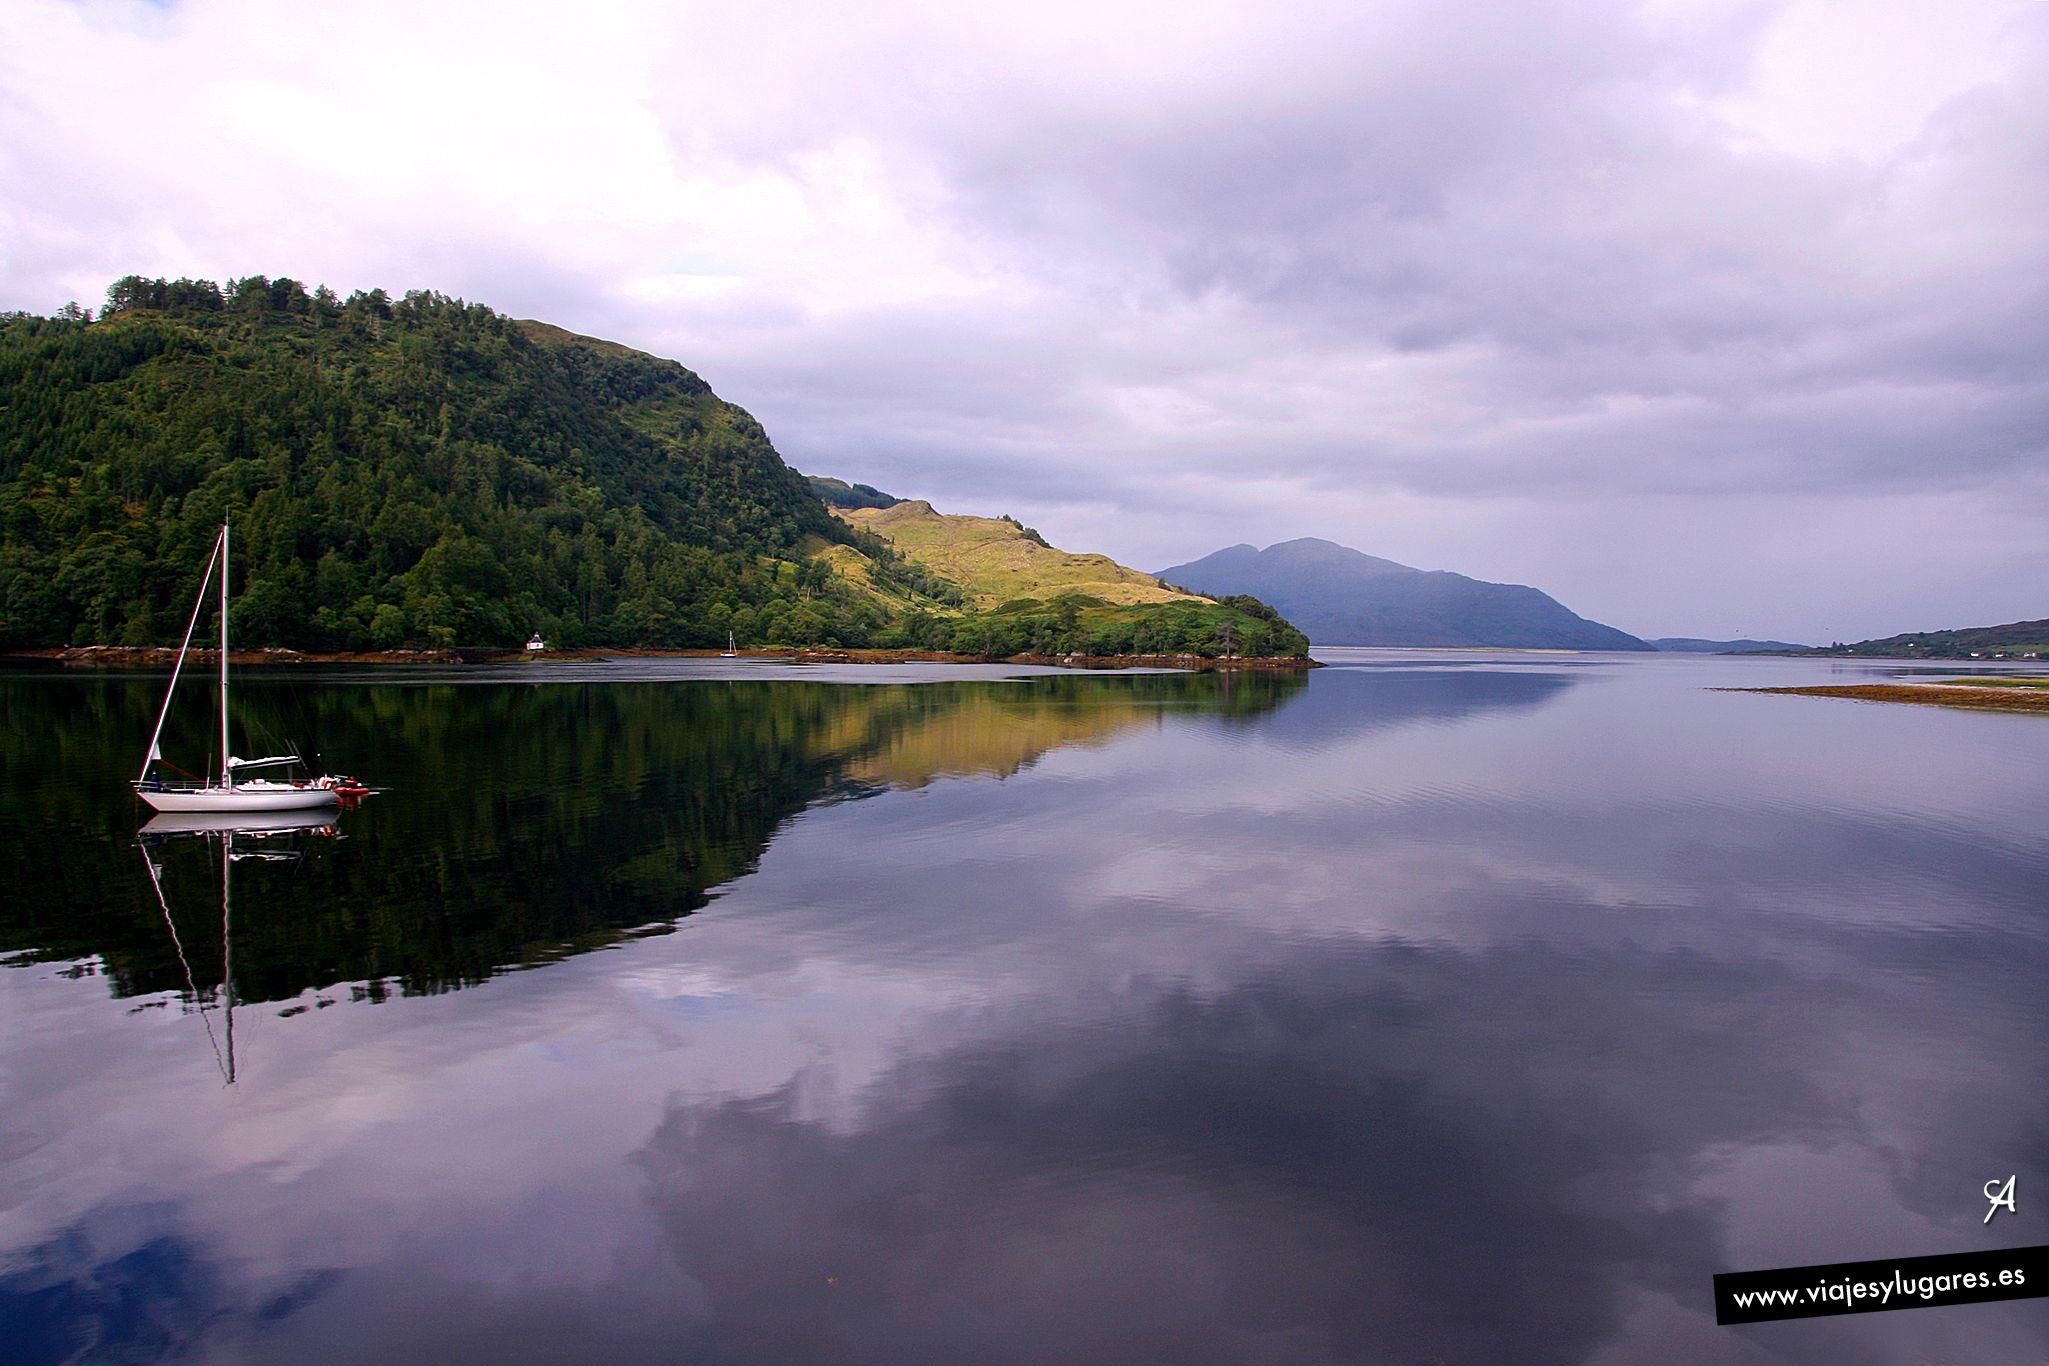 Loch Duich en las Highlands de Escocia, y en una pequeña isla de este lago se encuentra el fotografiado Castillo de Eilean Donan. Eilean Donan significa justamente... isla de Donnan.